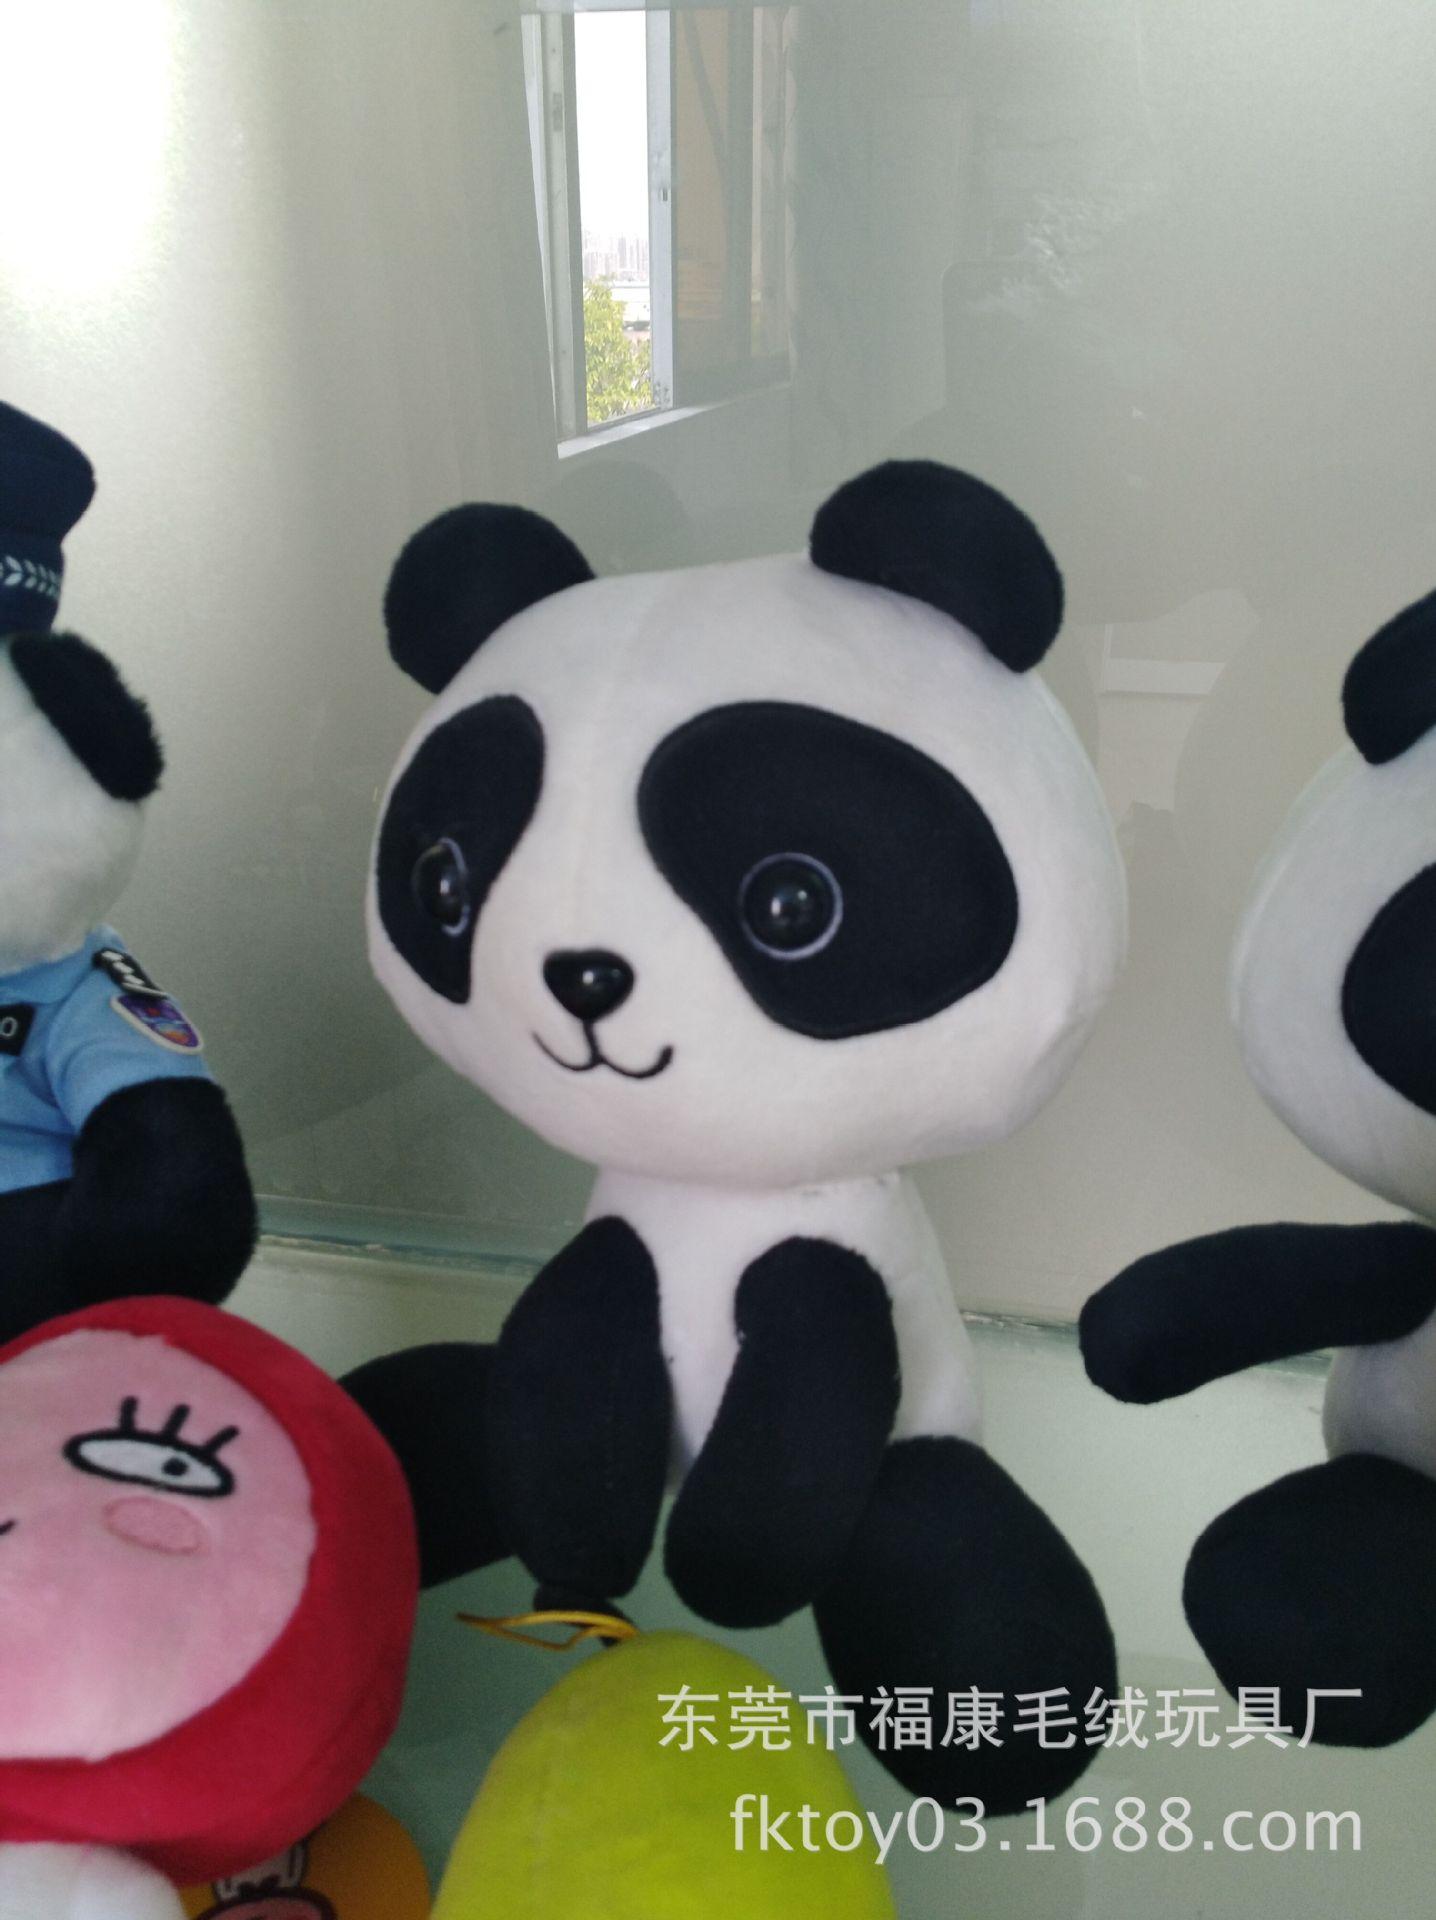 大熊猫毛绒公仔定做 大熊猫公仔 制服熊猫公仔 q版大熊猫定做